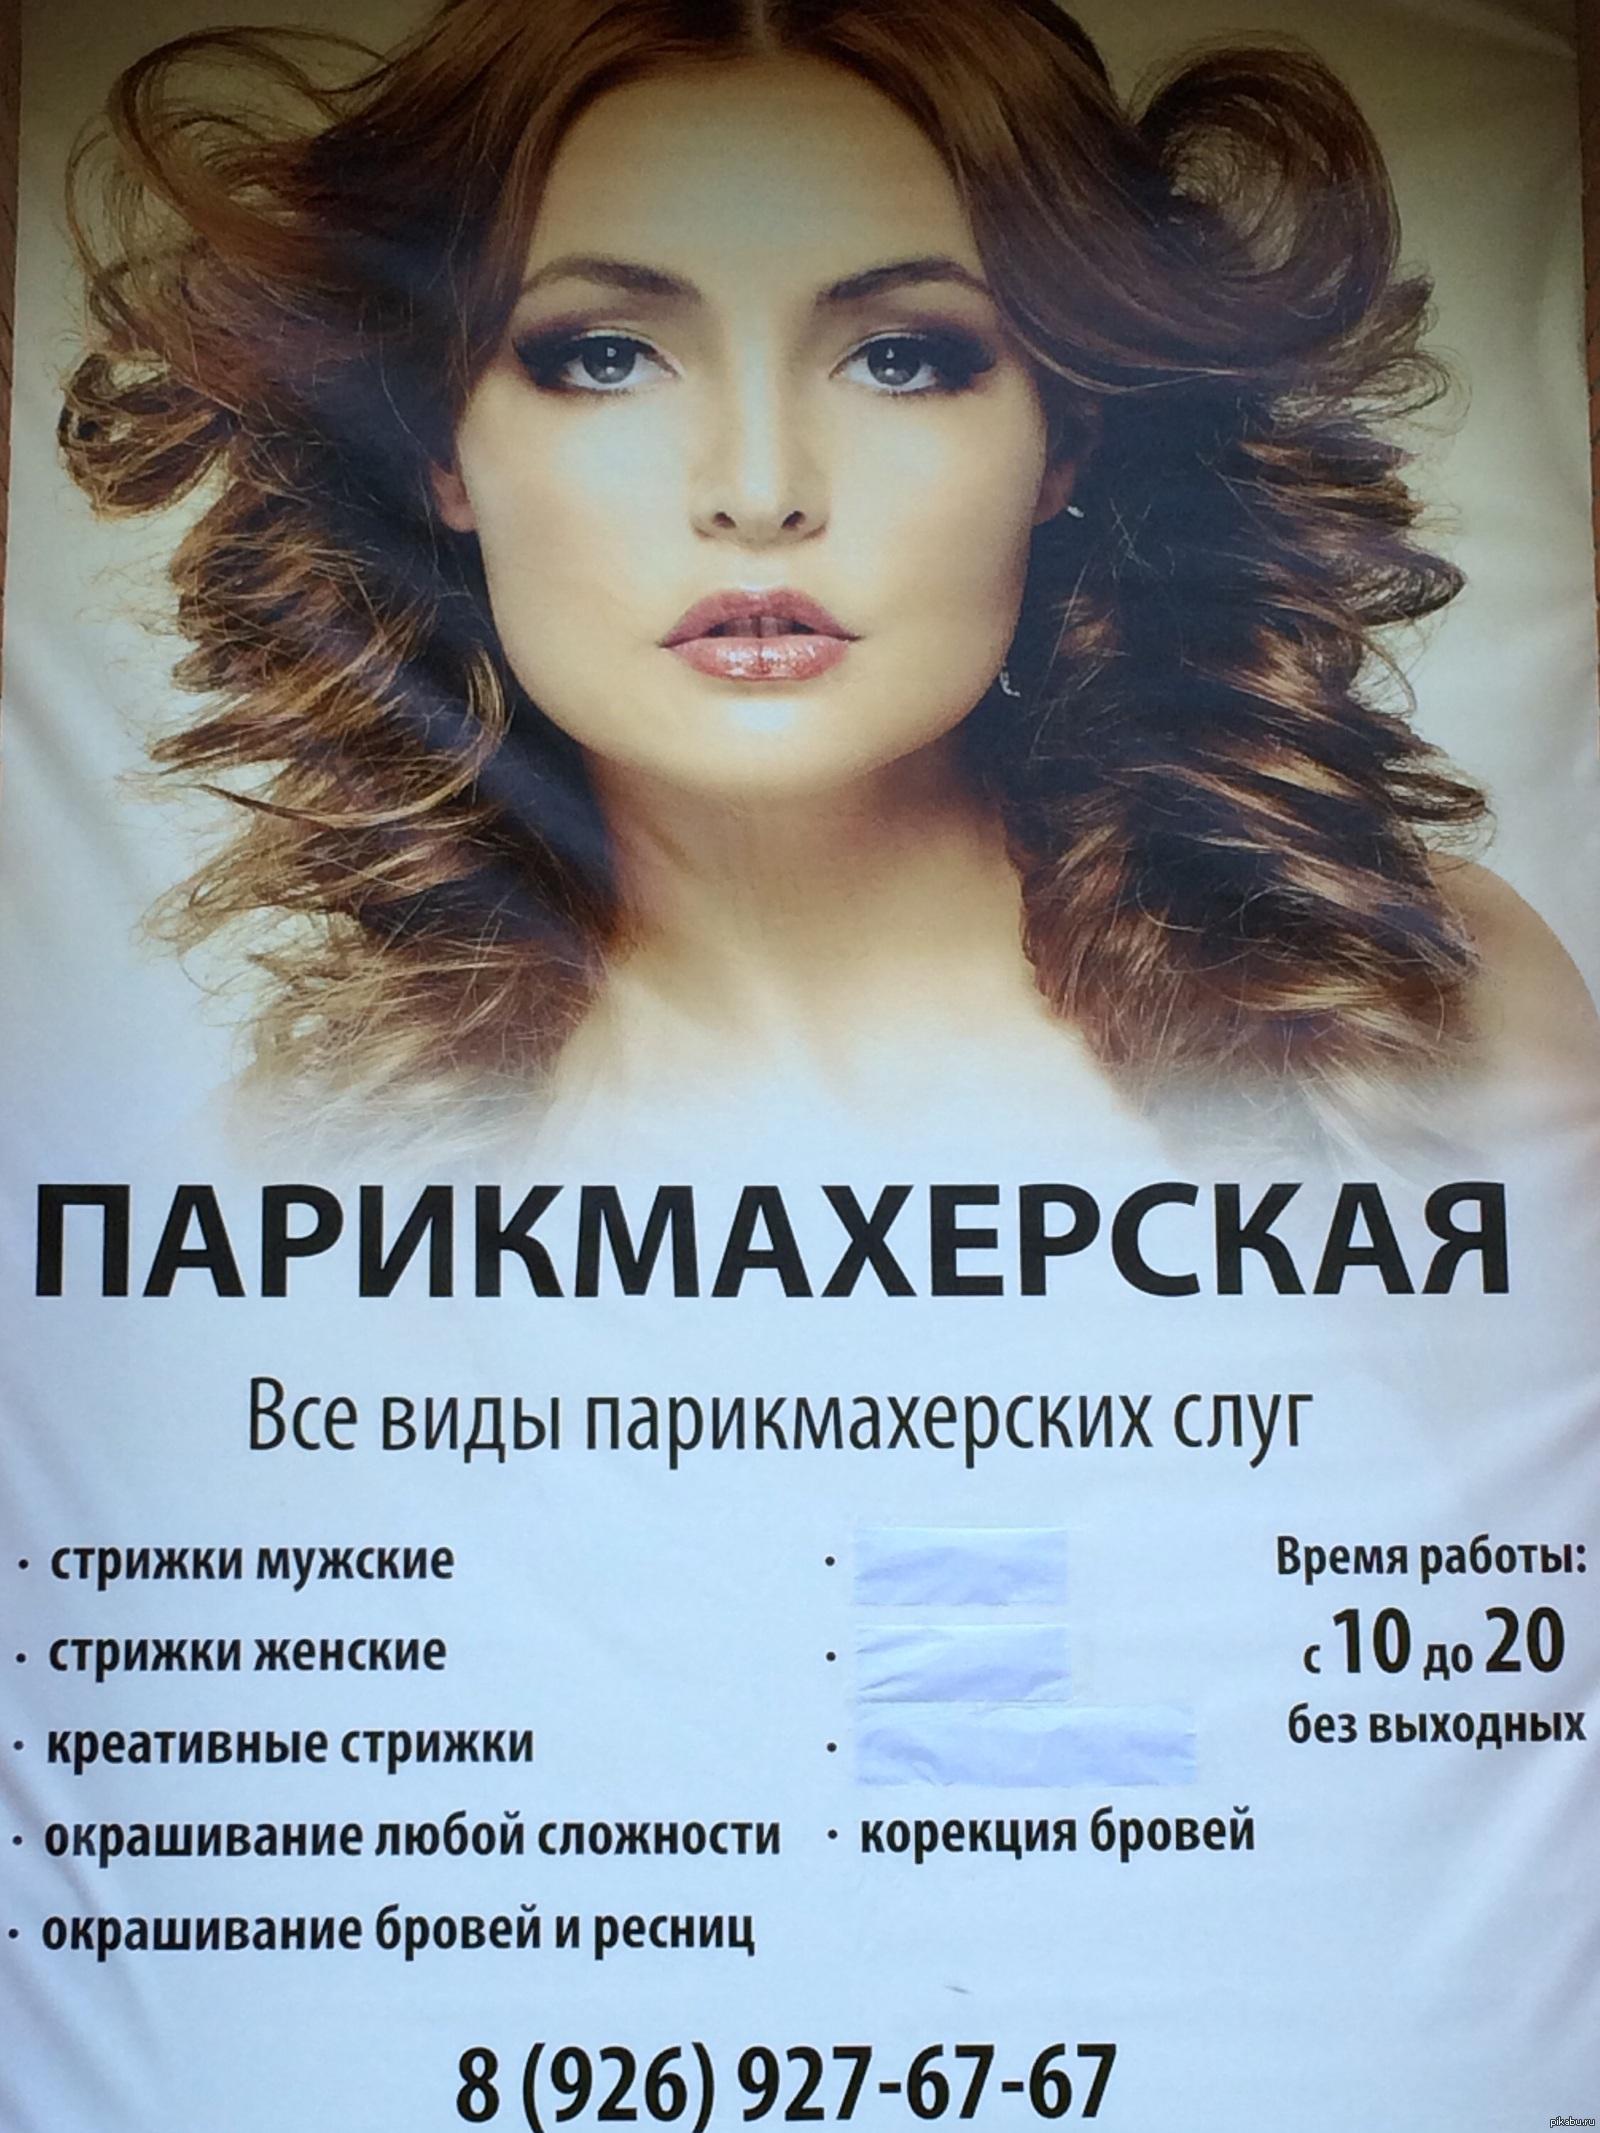 Реклама парикмахерской в картинках